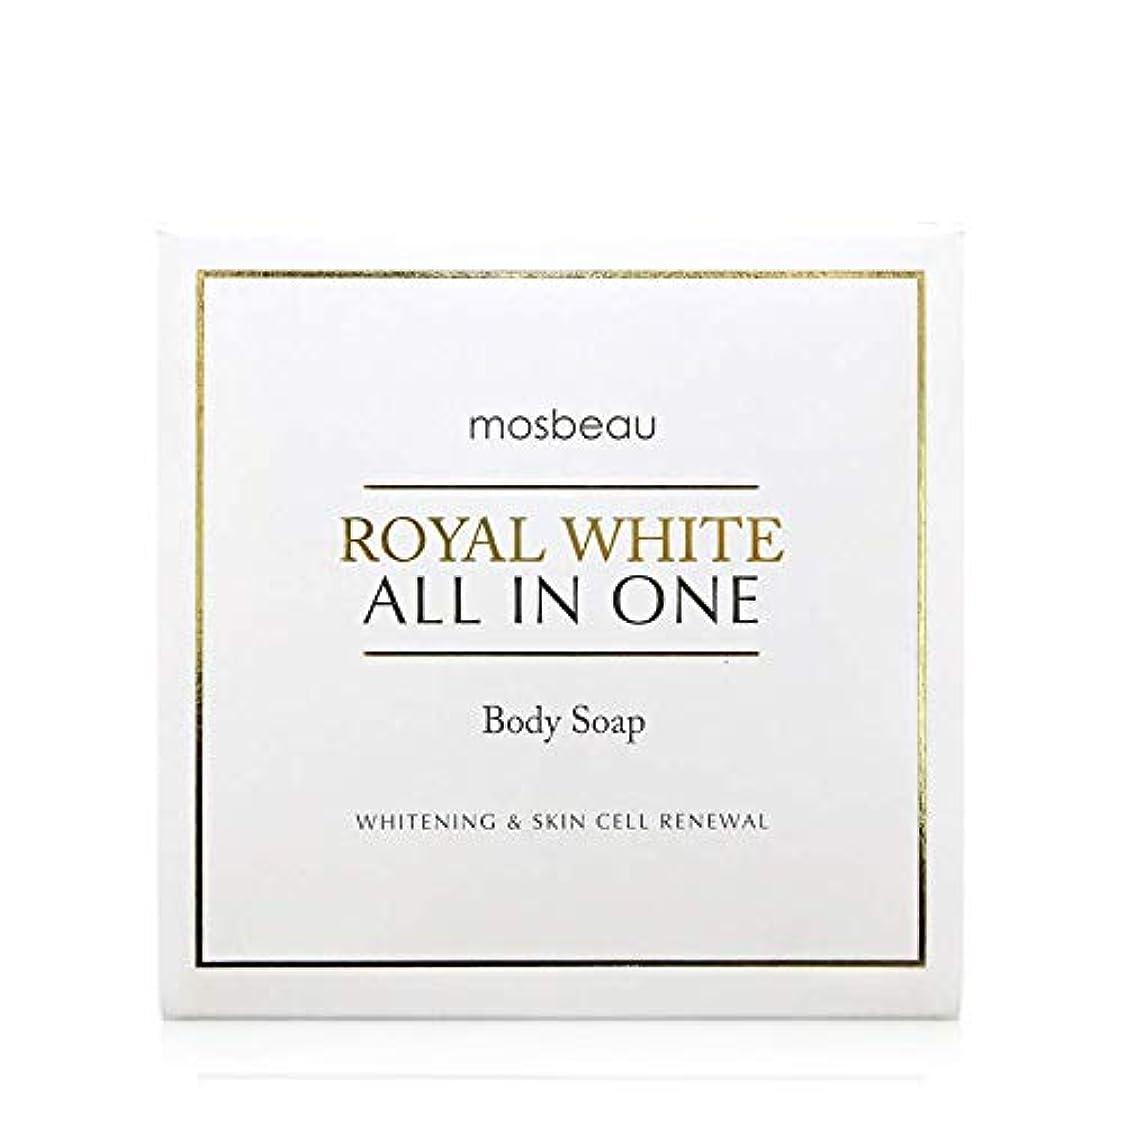 損傷きゅうりプレゼントmosbeau ROYAL WHITE ALL-IN-ONE BODY SOAP 100g ロィヤルホワイトオールインワンボディーソープ